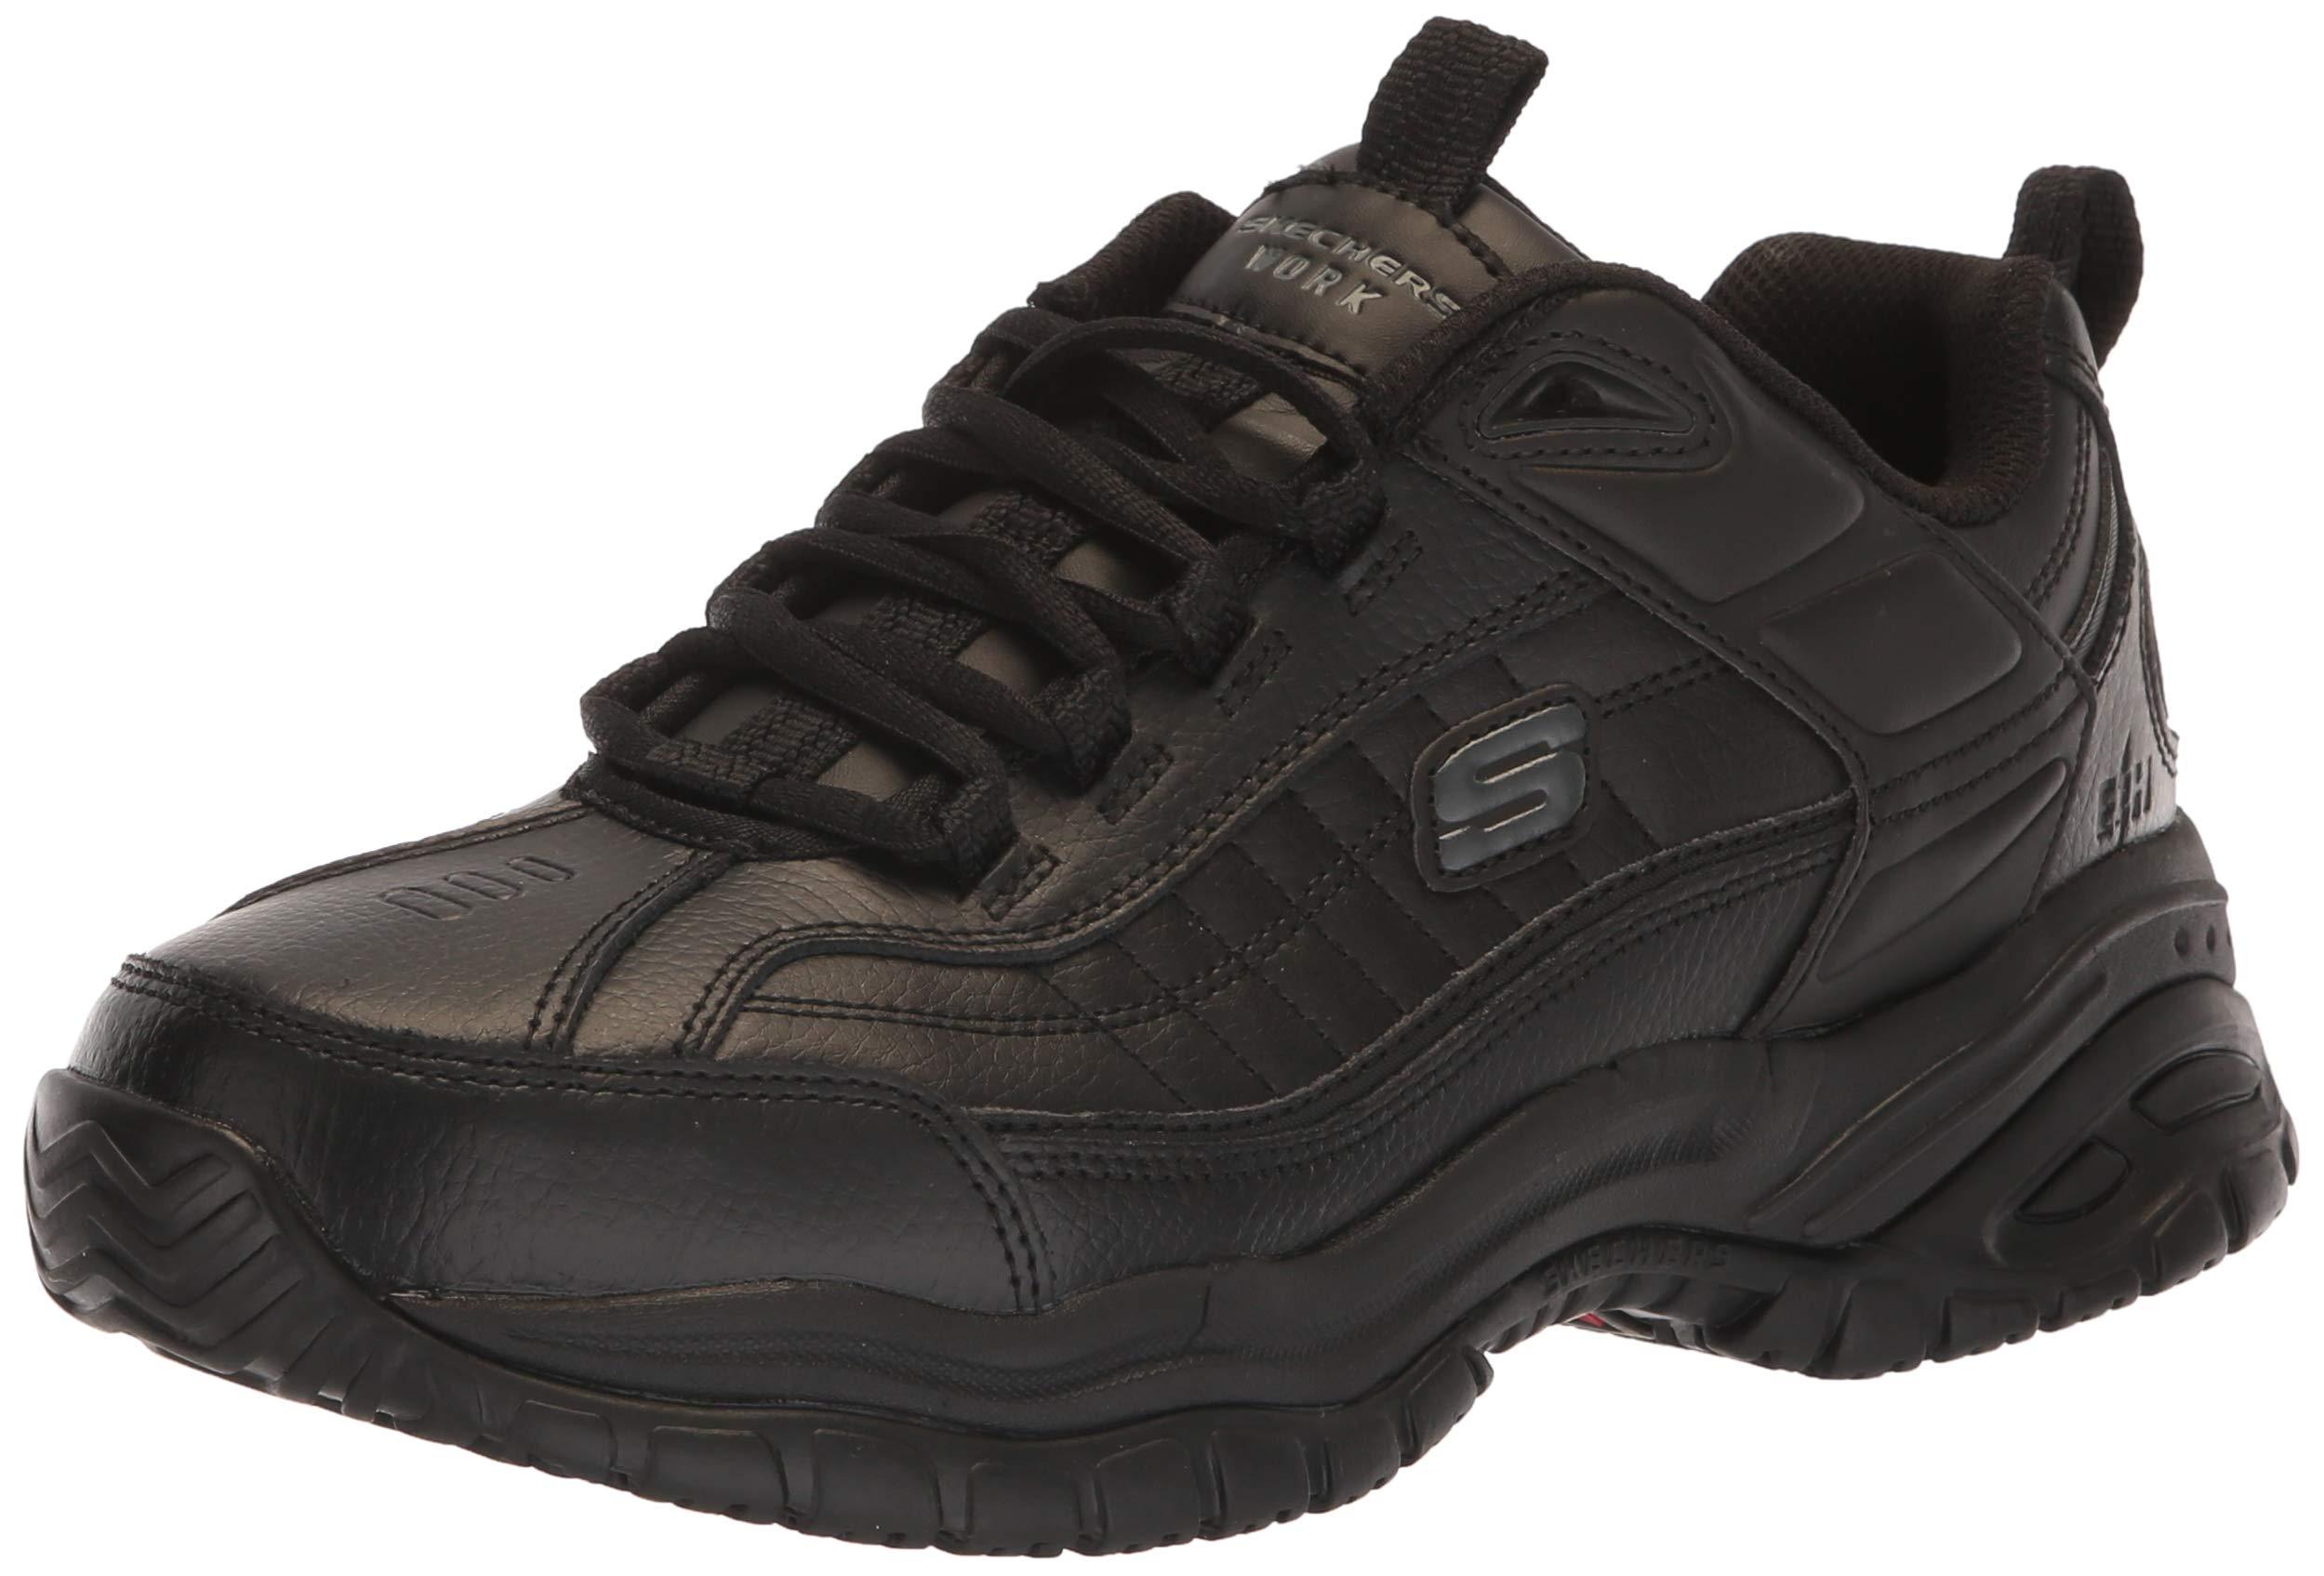 Skechers for Work Men's Soft Stride Galley Sneaker,Black,10.5 W US by Skechers